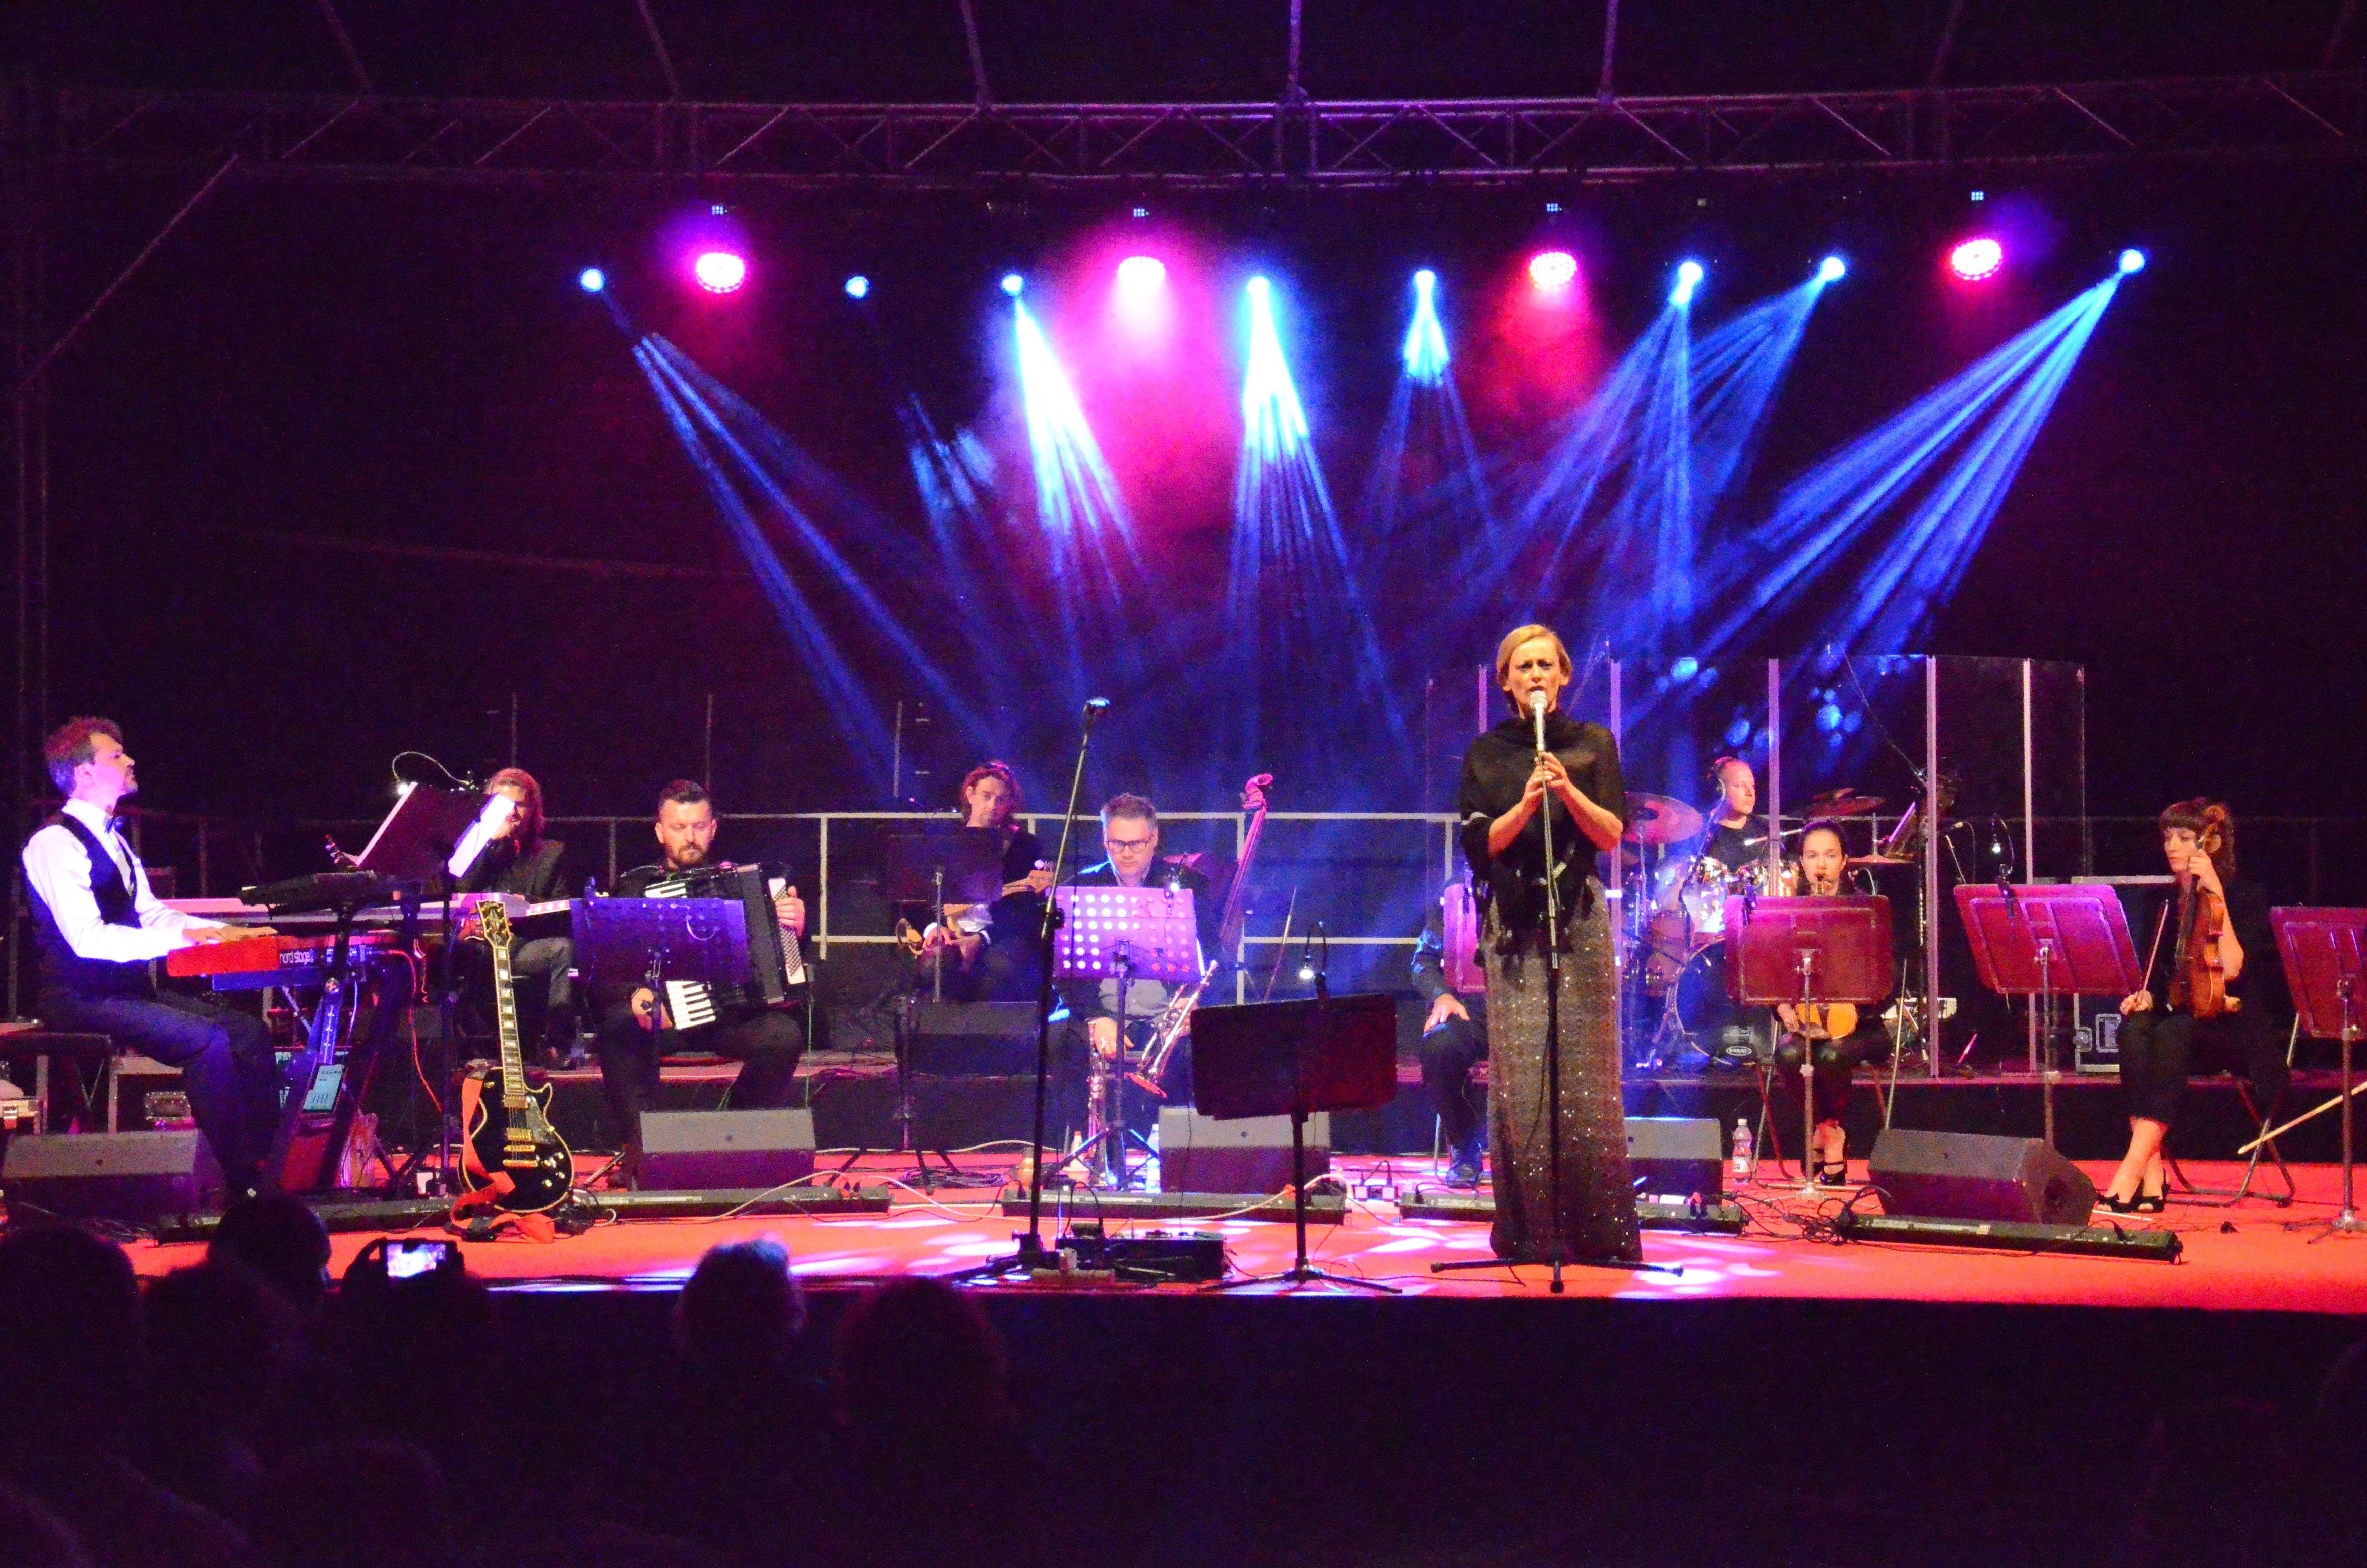 """Ola Turkiewicz. Koncert Niepodległości """"Westerplatte"""". Gdańsk-Westerplatte 1.09.2016. Fot. Dorota Smolarek"""